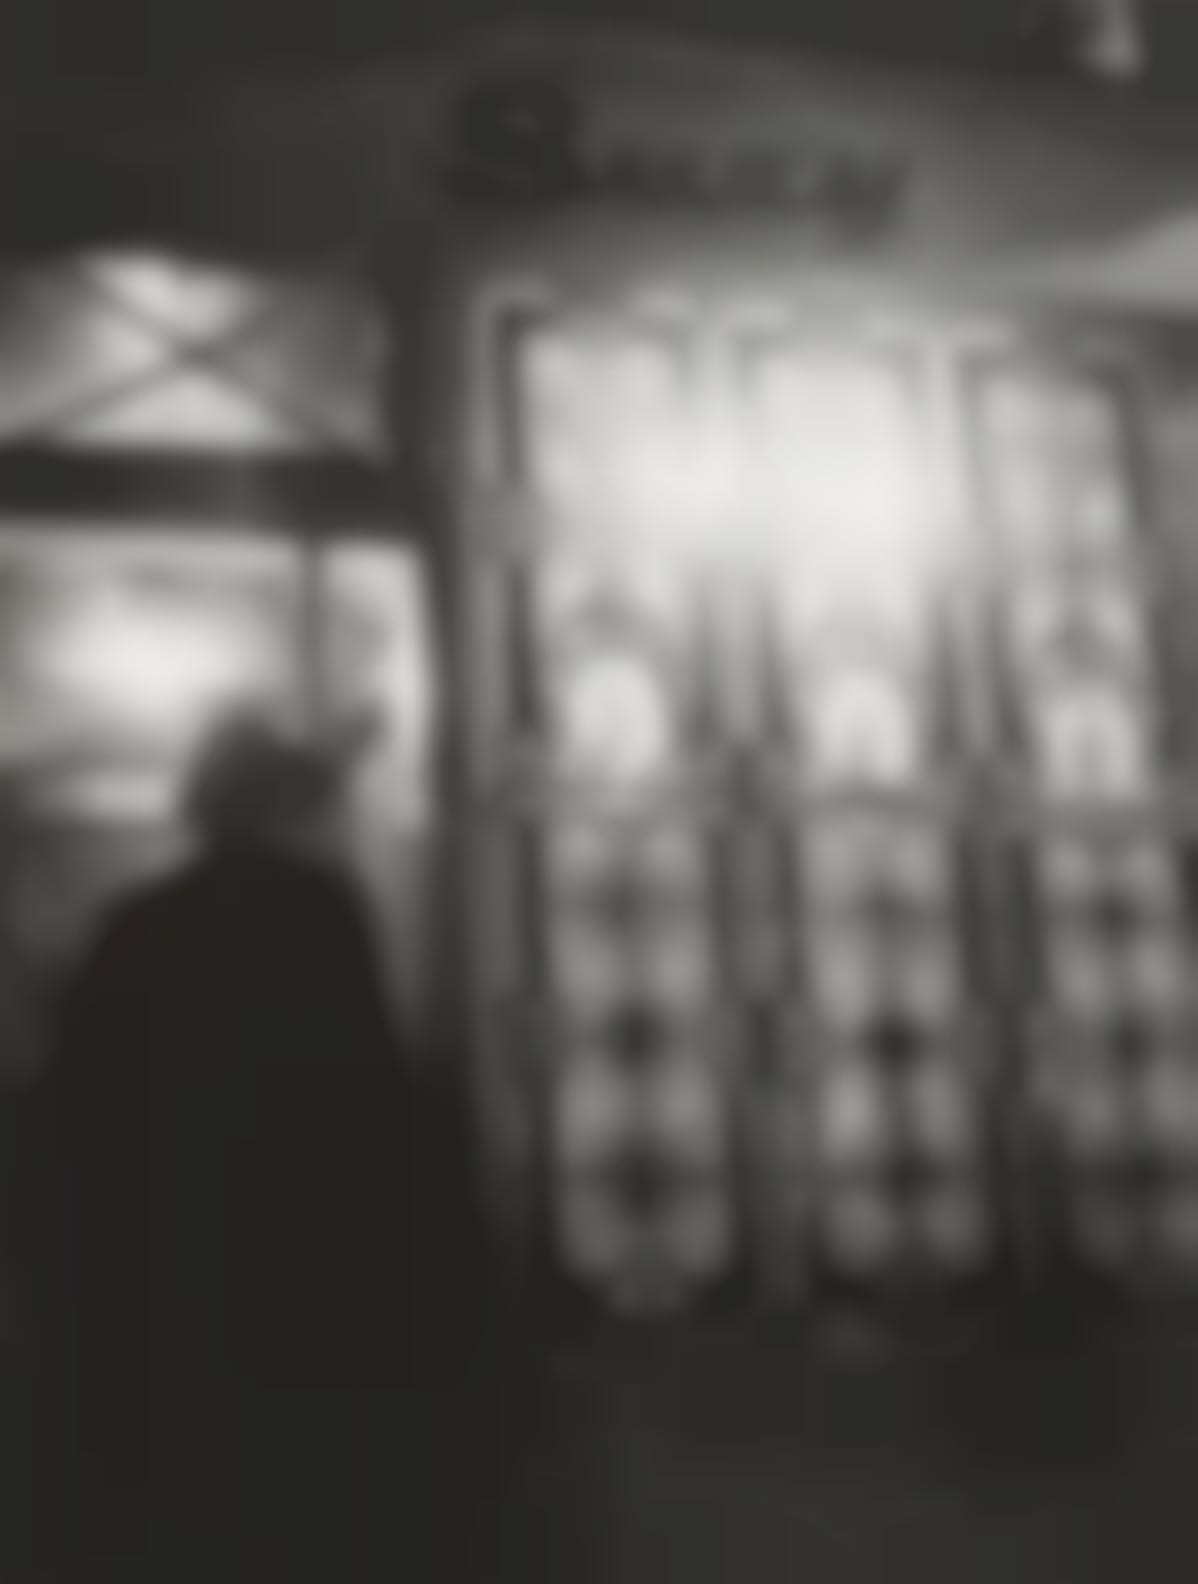 Brassai-Chez Suzy, Rue Gregoire-De-Tours, c. 1932-